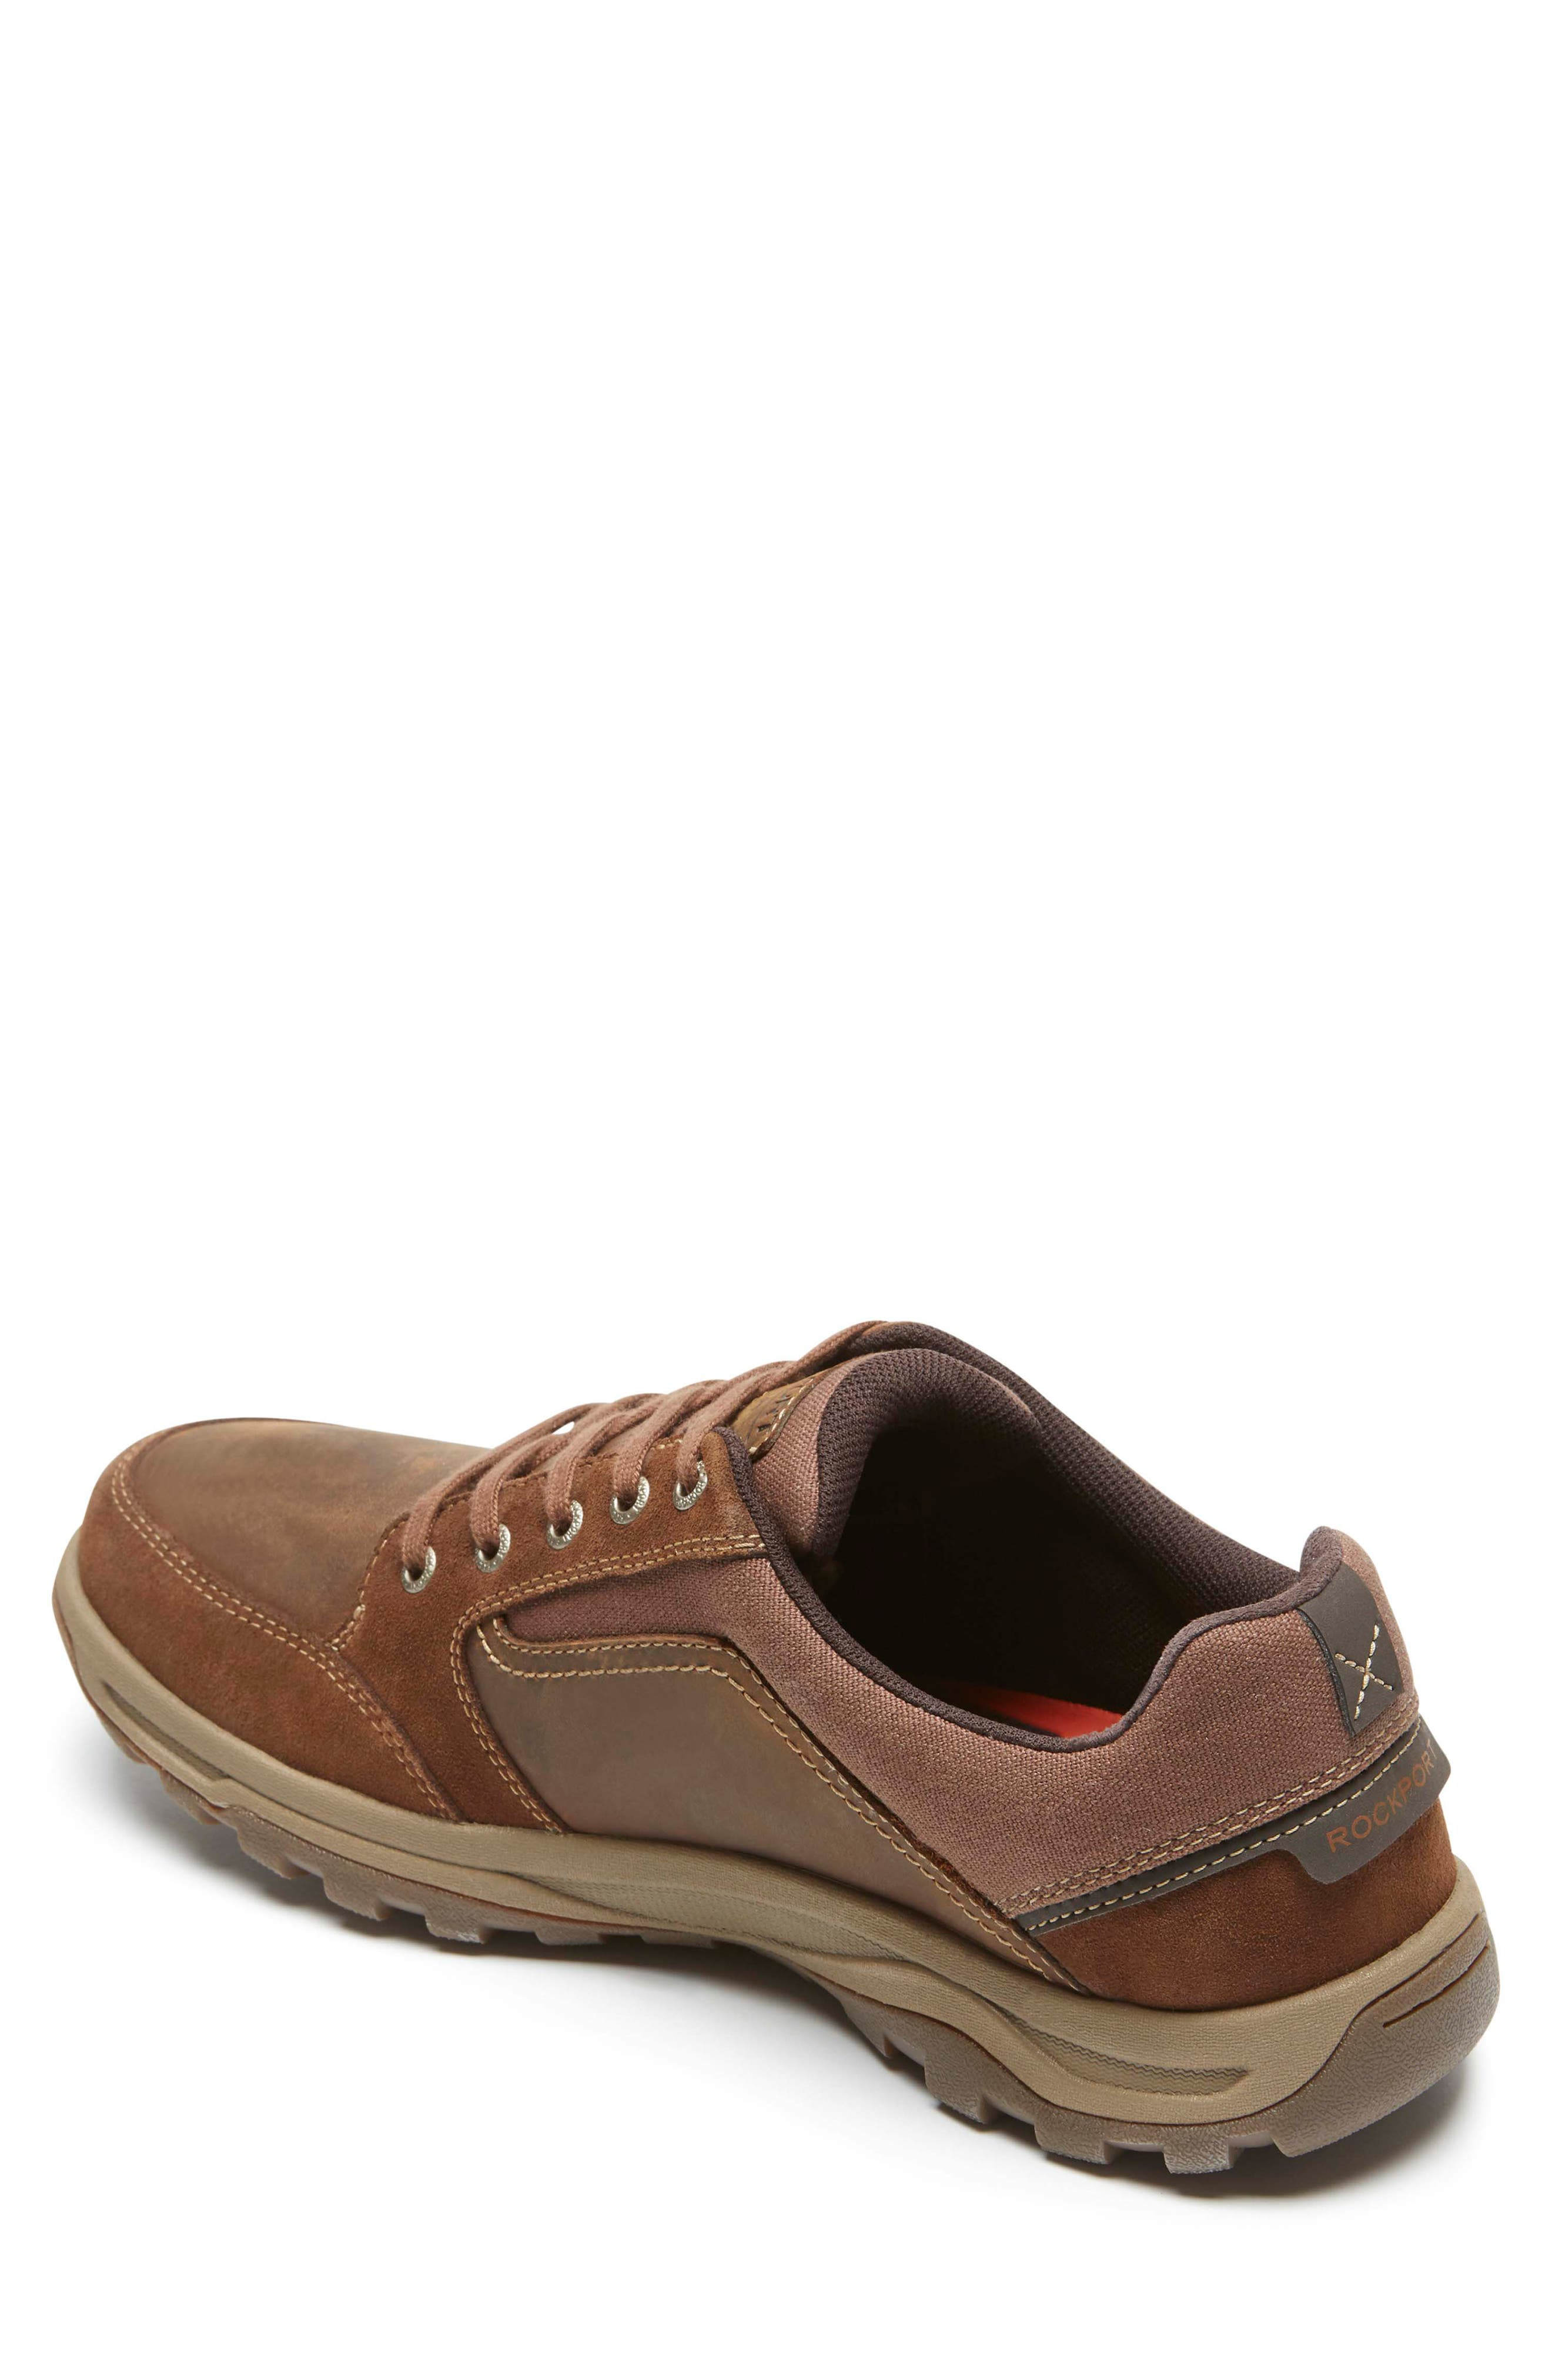 Harlee Waterproof Sneaker,                             Alternate thumbnail 2, color,                             TAN LEATHER